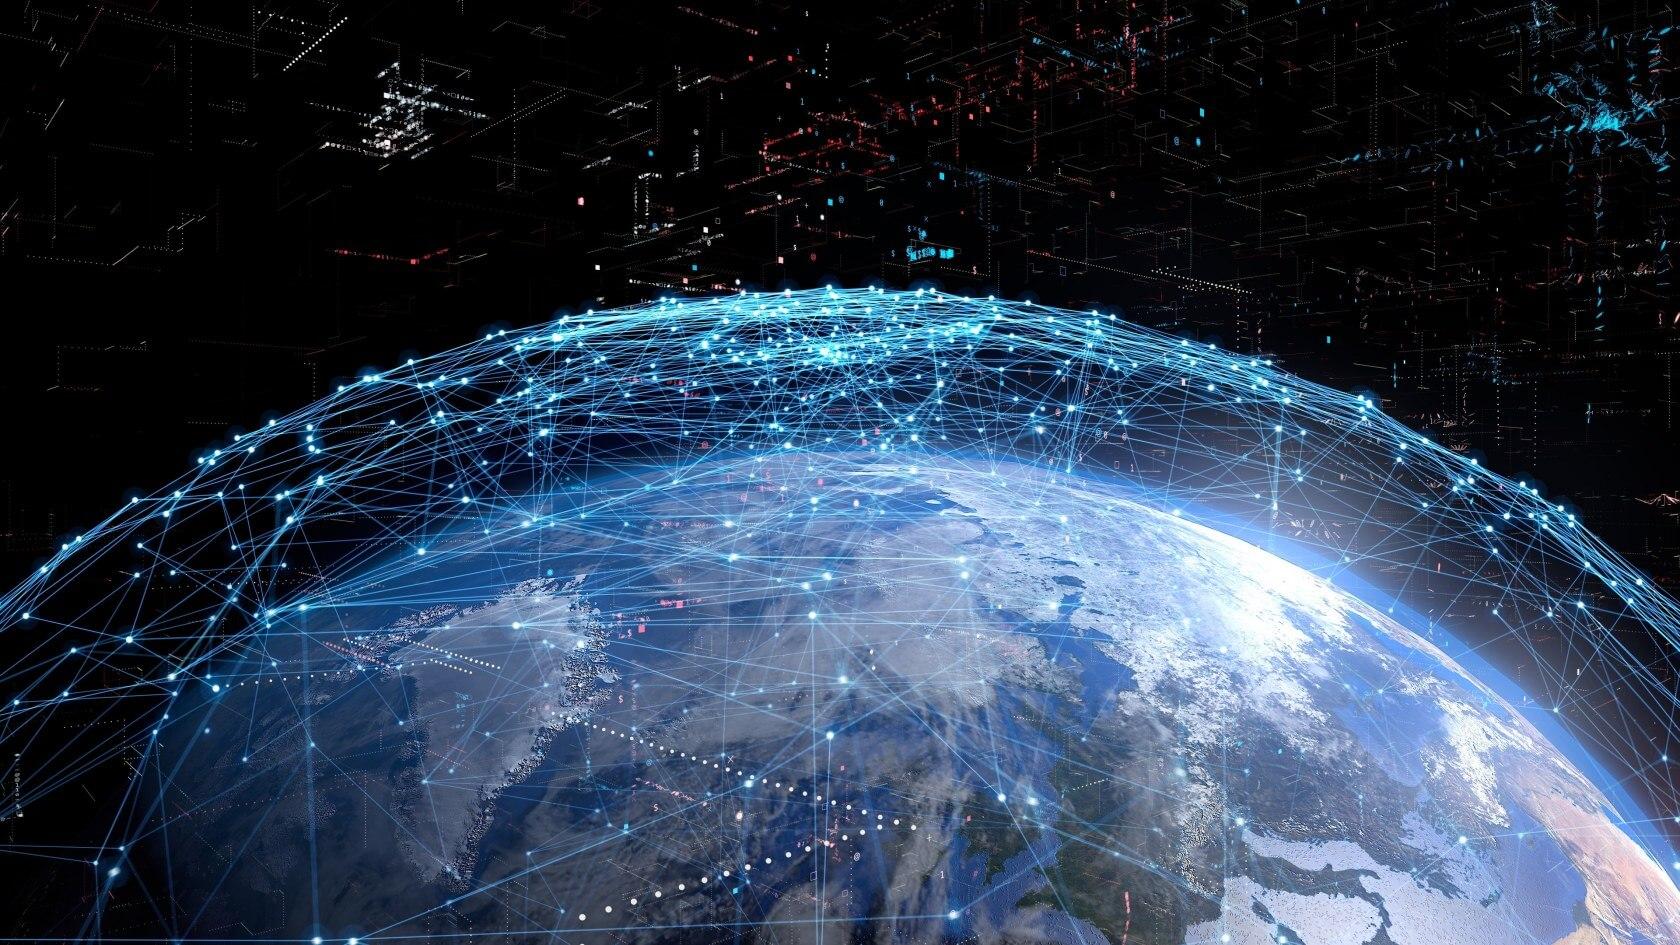 Le service Internet par satellite «Starlink» de SpaceX ...